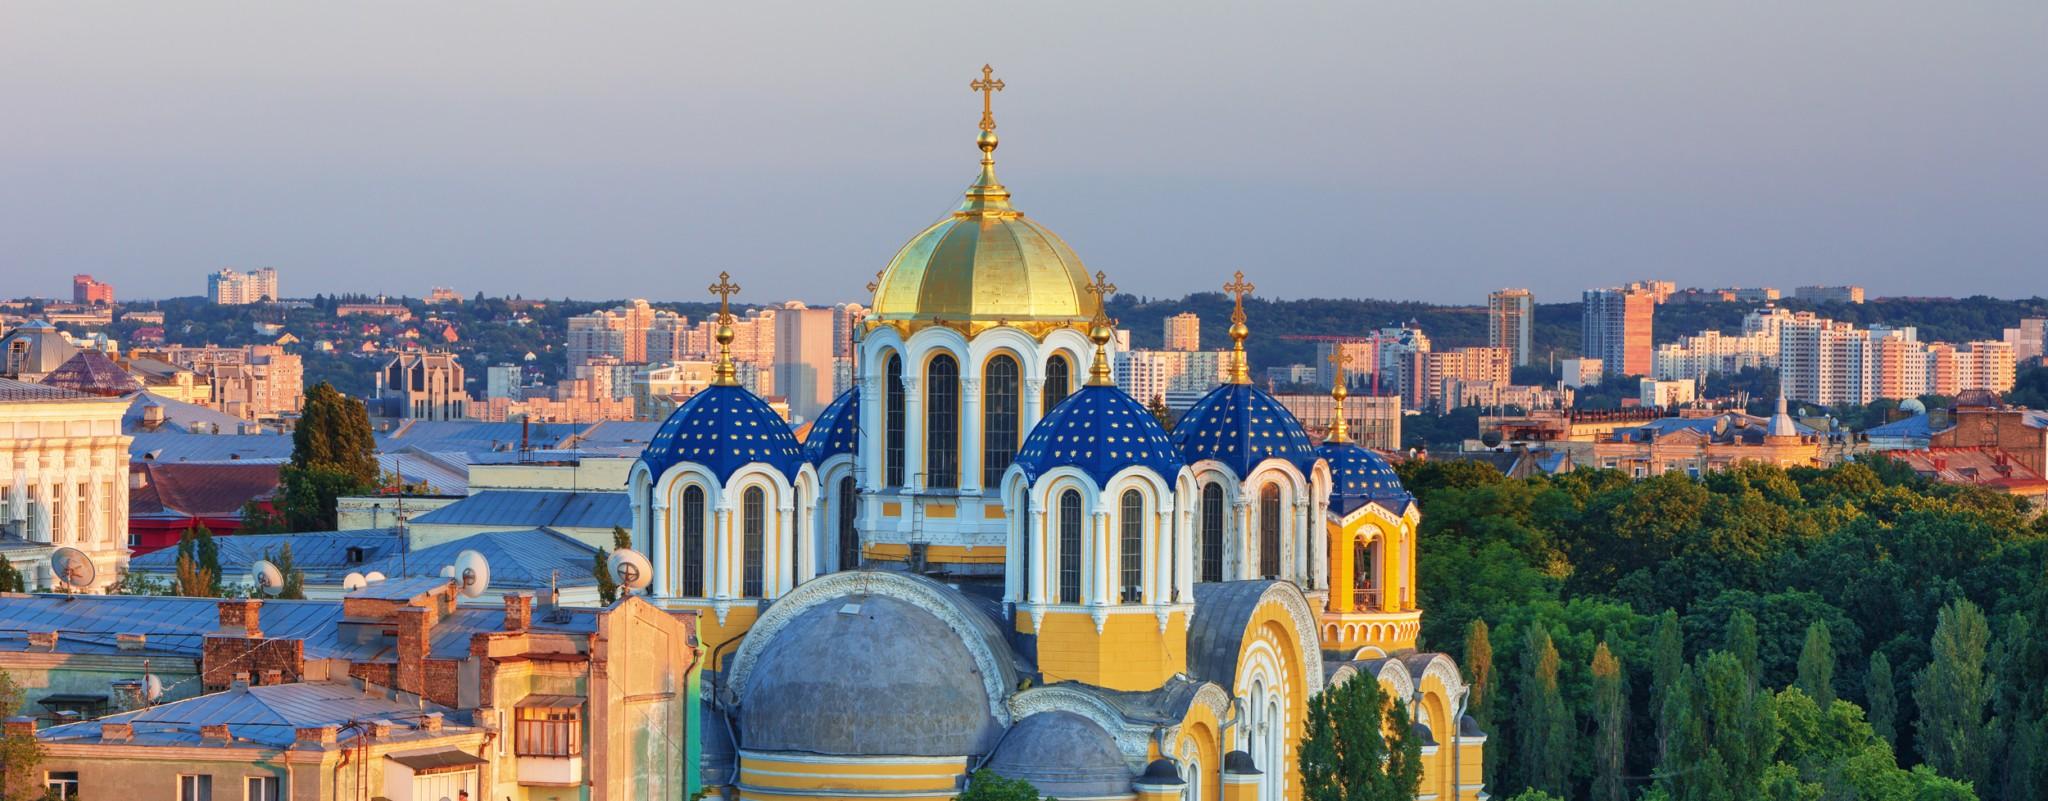 Билеты Загадки и истории Владимирского собора